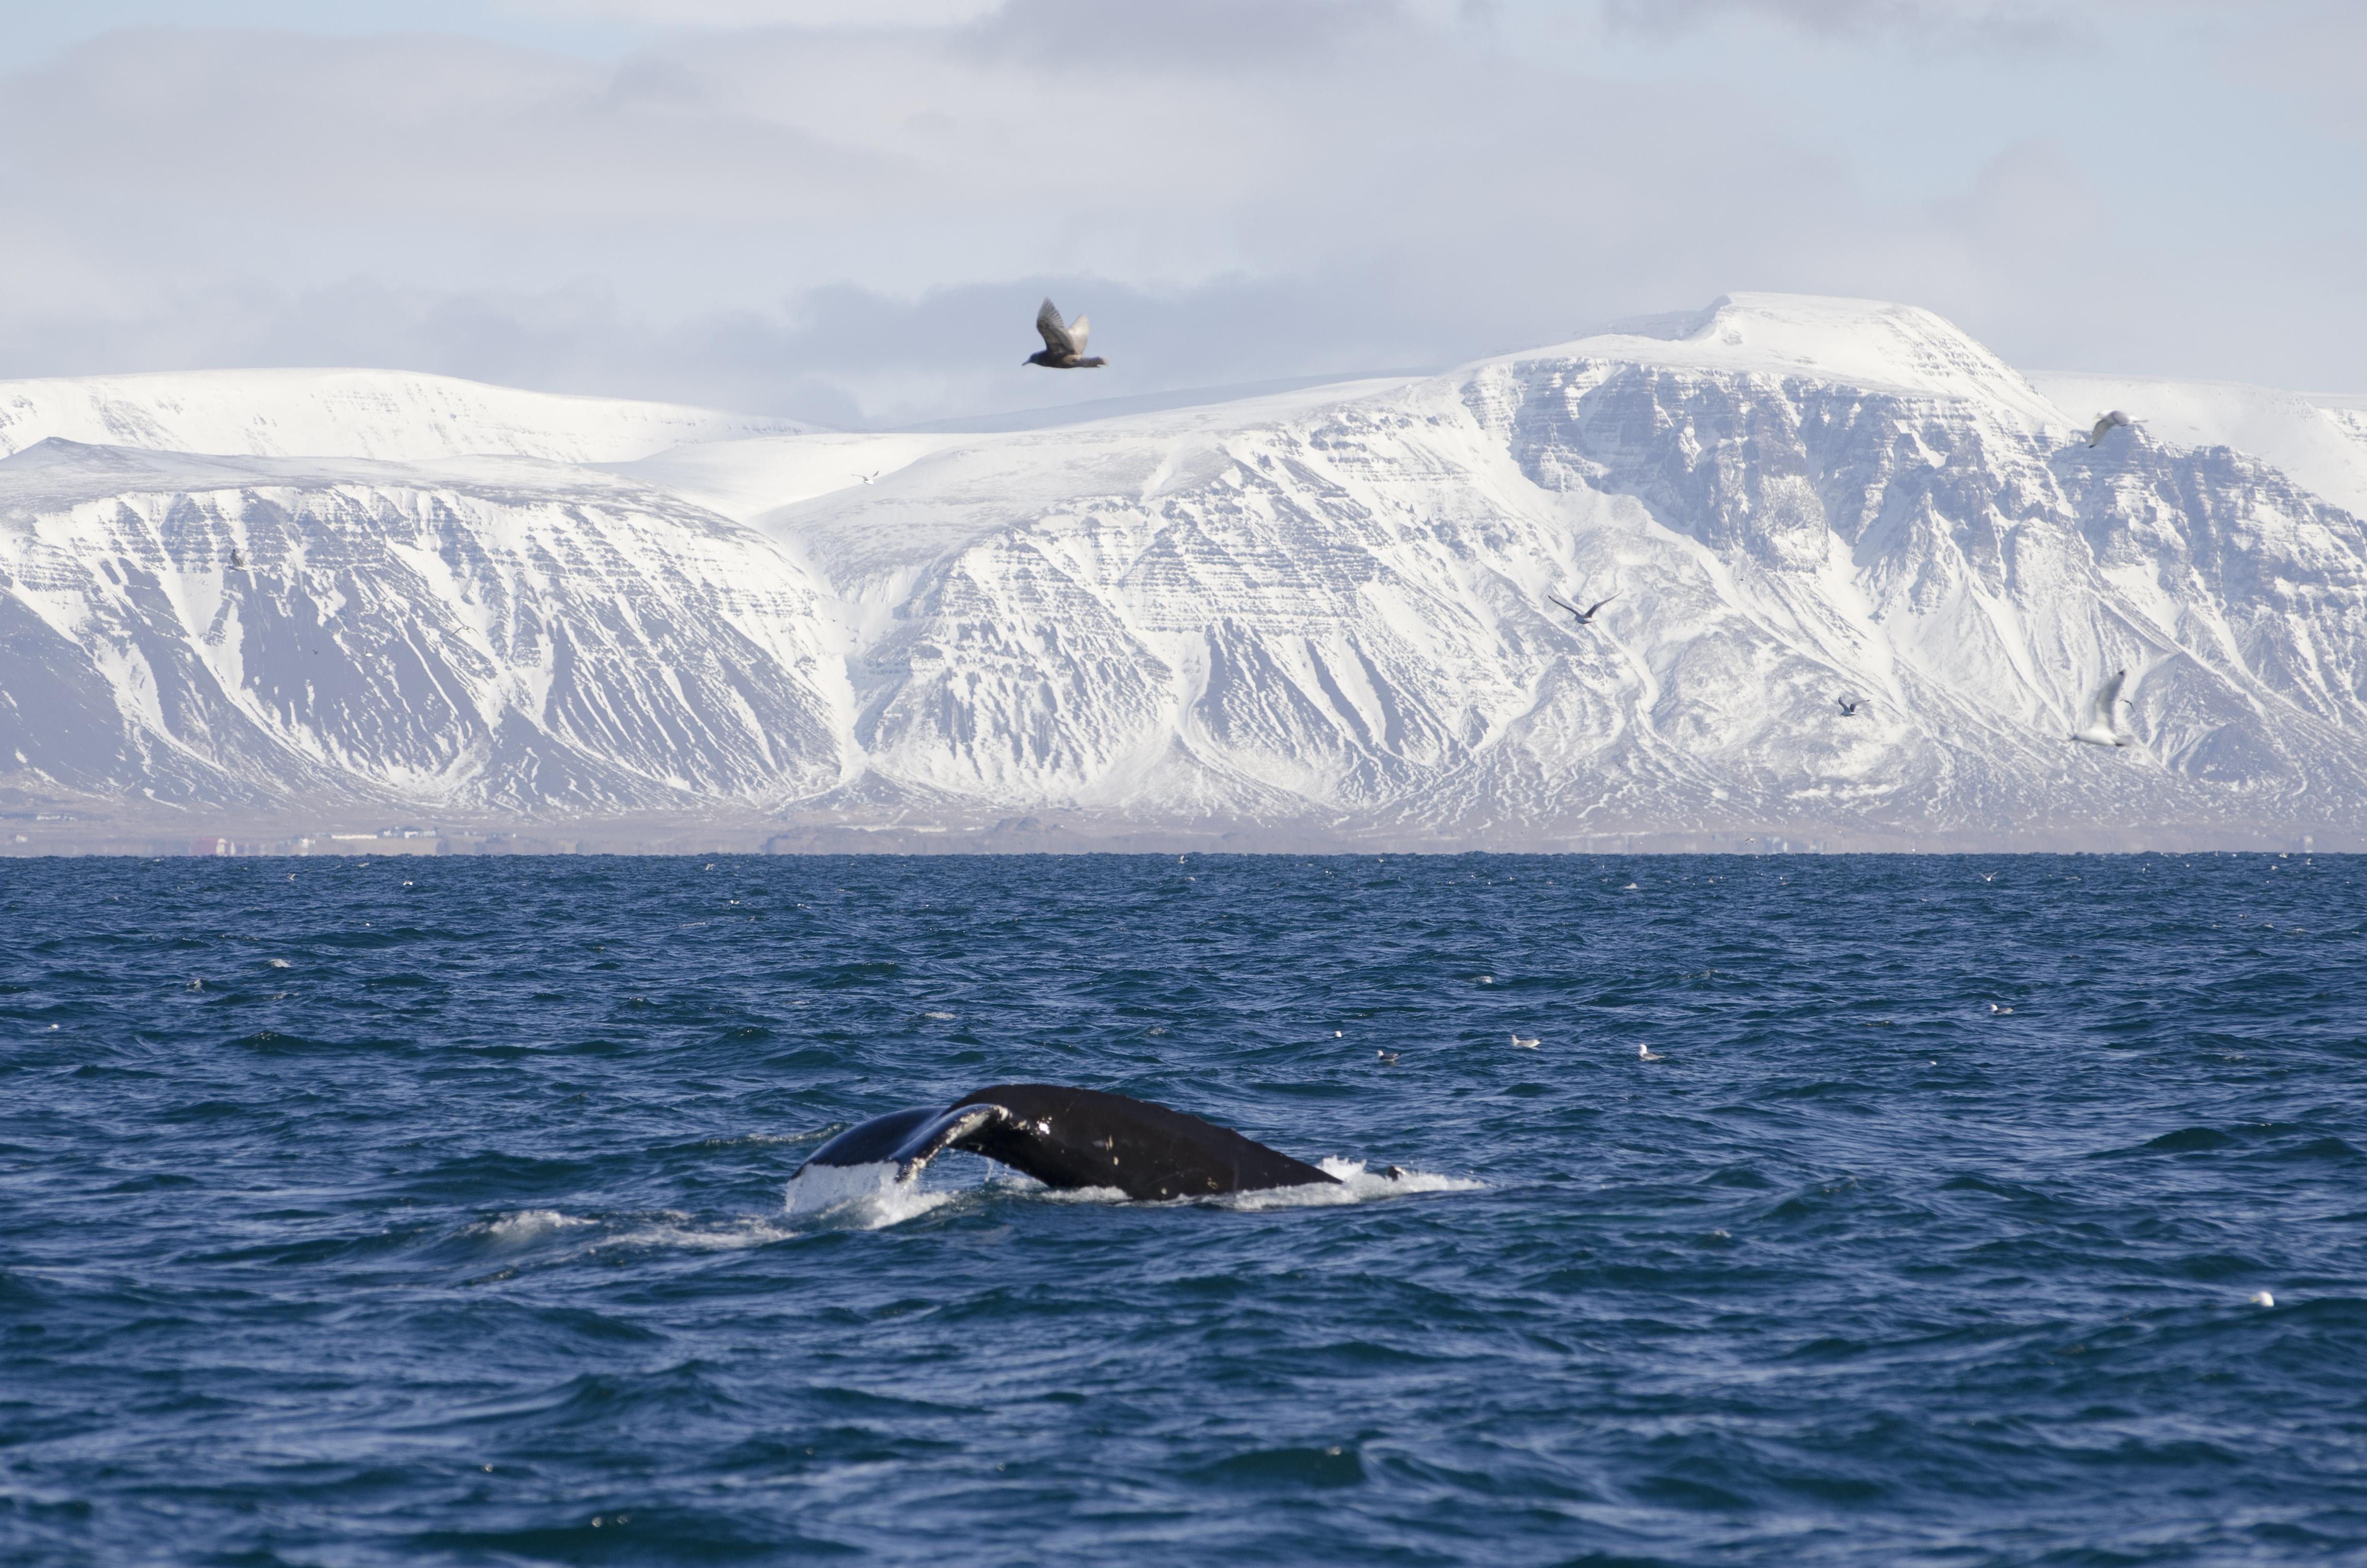 Une baleine à bosse plongeant devant les montagnes enneigées de l'ouest de l'Islande en hiver.